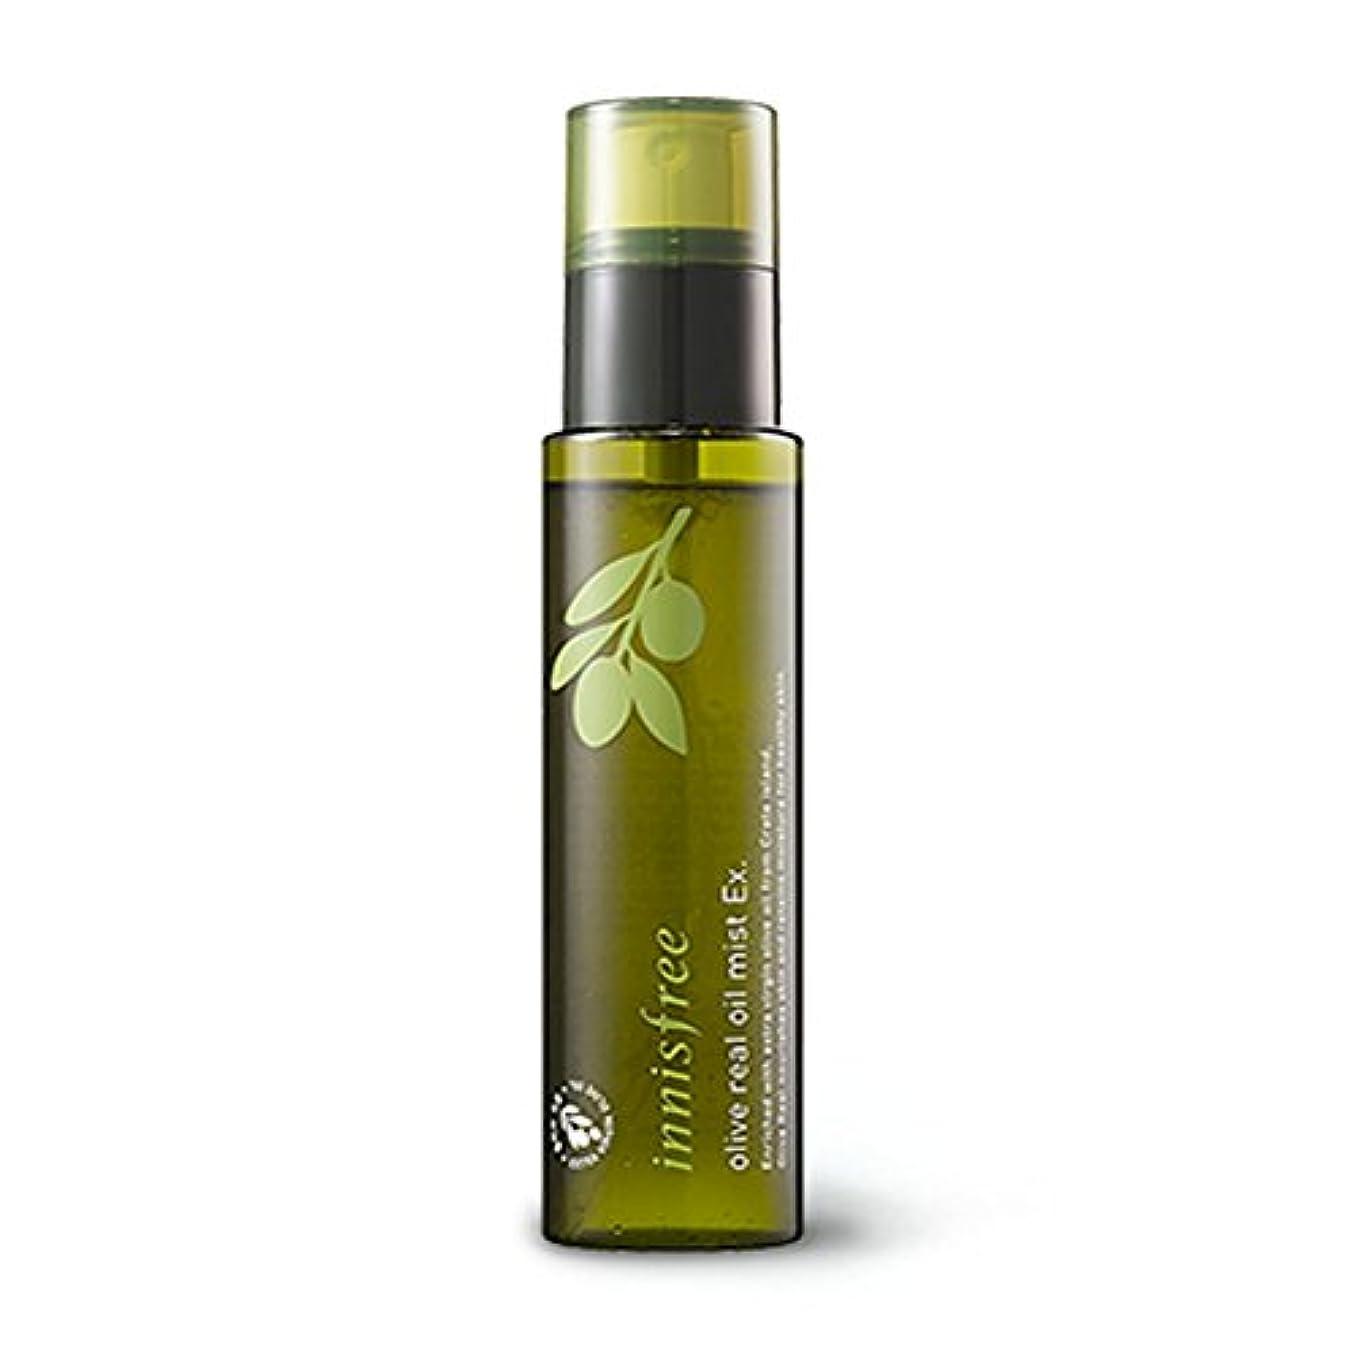 襟衝撃遠近法イニスフリー オリーブリアルオイルミストEx。80ml Innisfree Olive Real Oil Mist Ex. 80ml [海外直送品][並行輸入品]